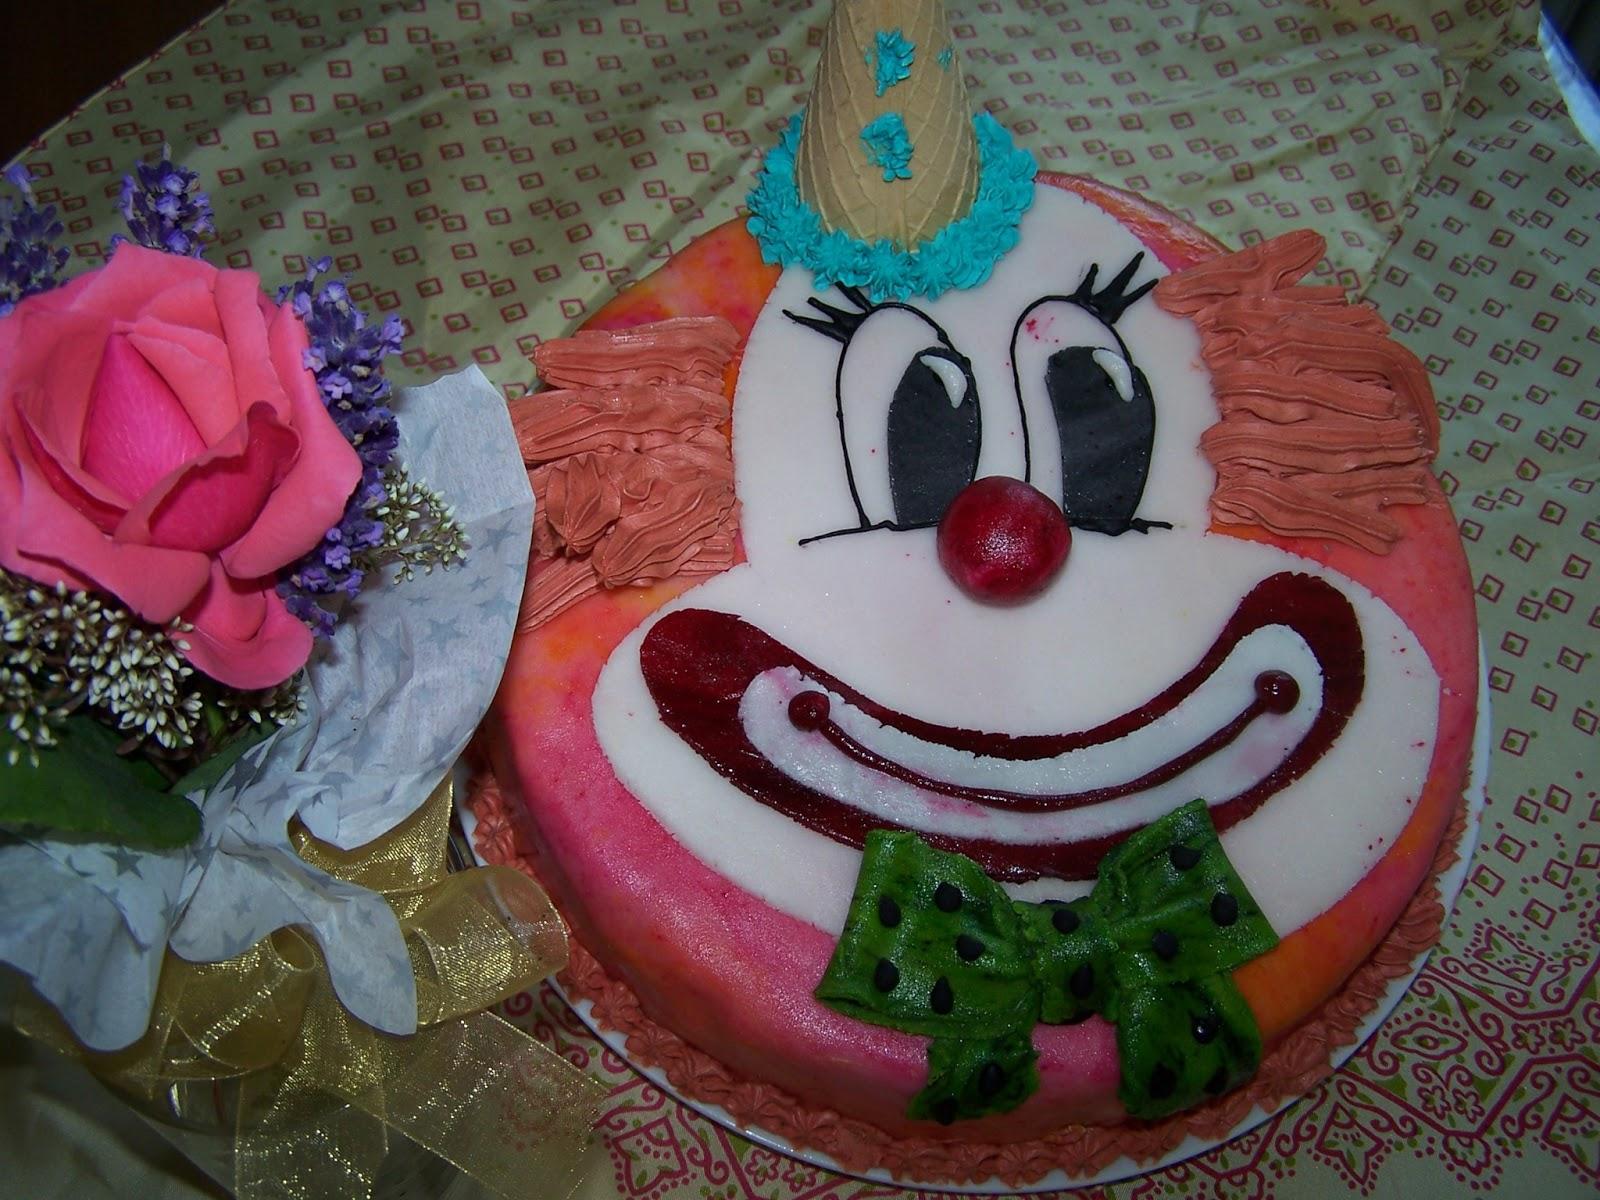 bohóc torta képek sersi: Bohóc torta bohóc torta képek